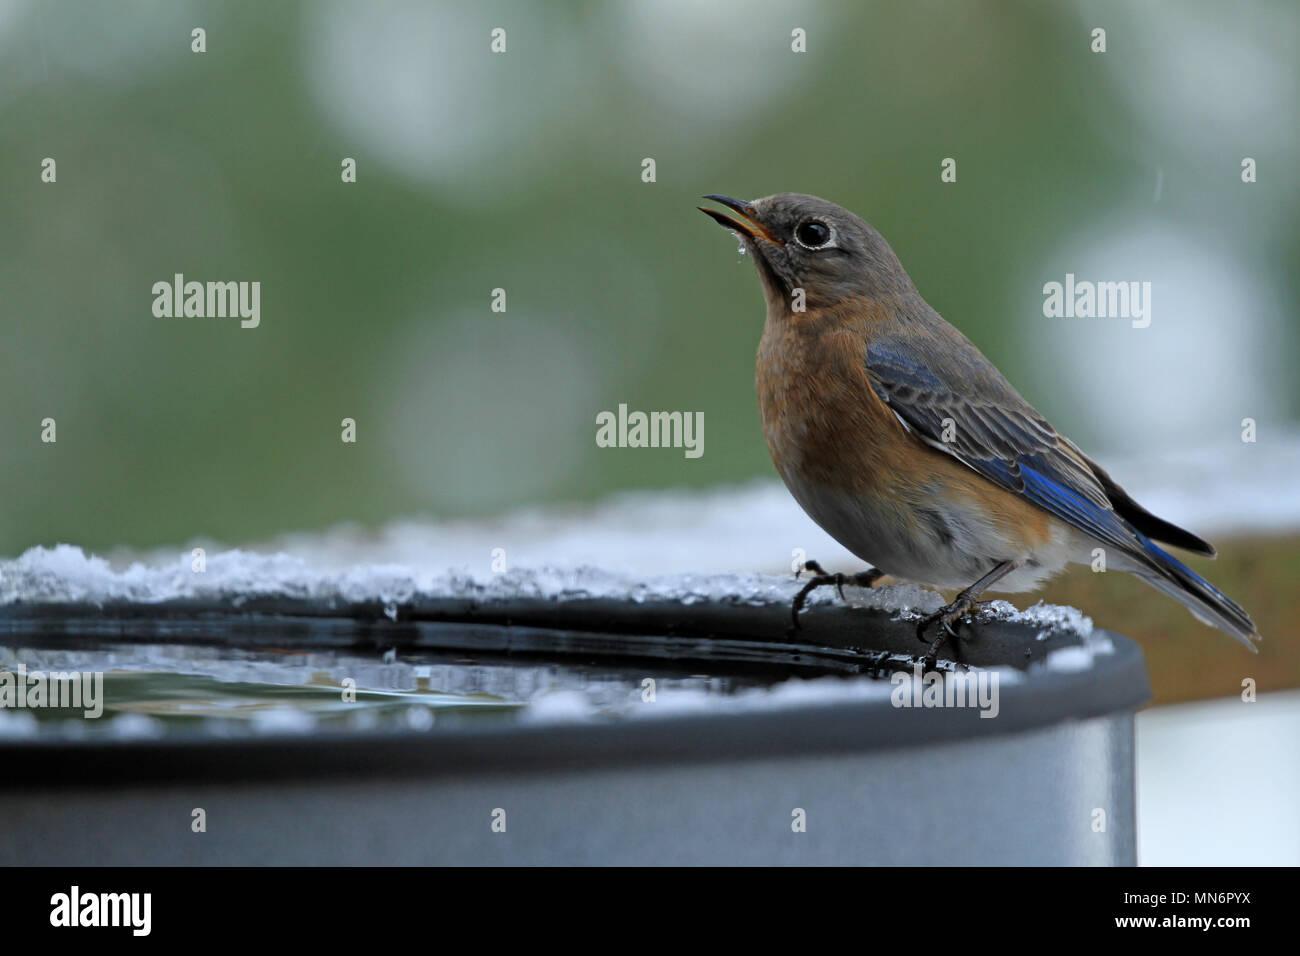 Eis Im Vogelbad Stockfotos Eis Im Vogelbad Bilder Alamy